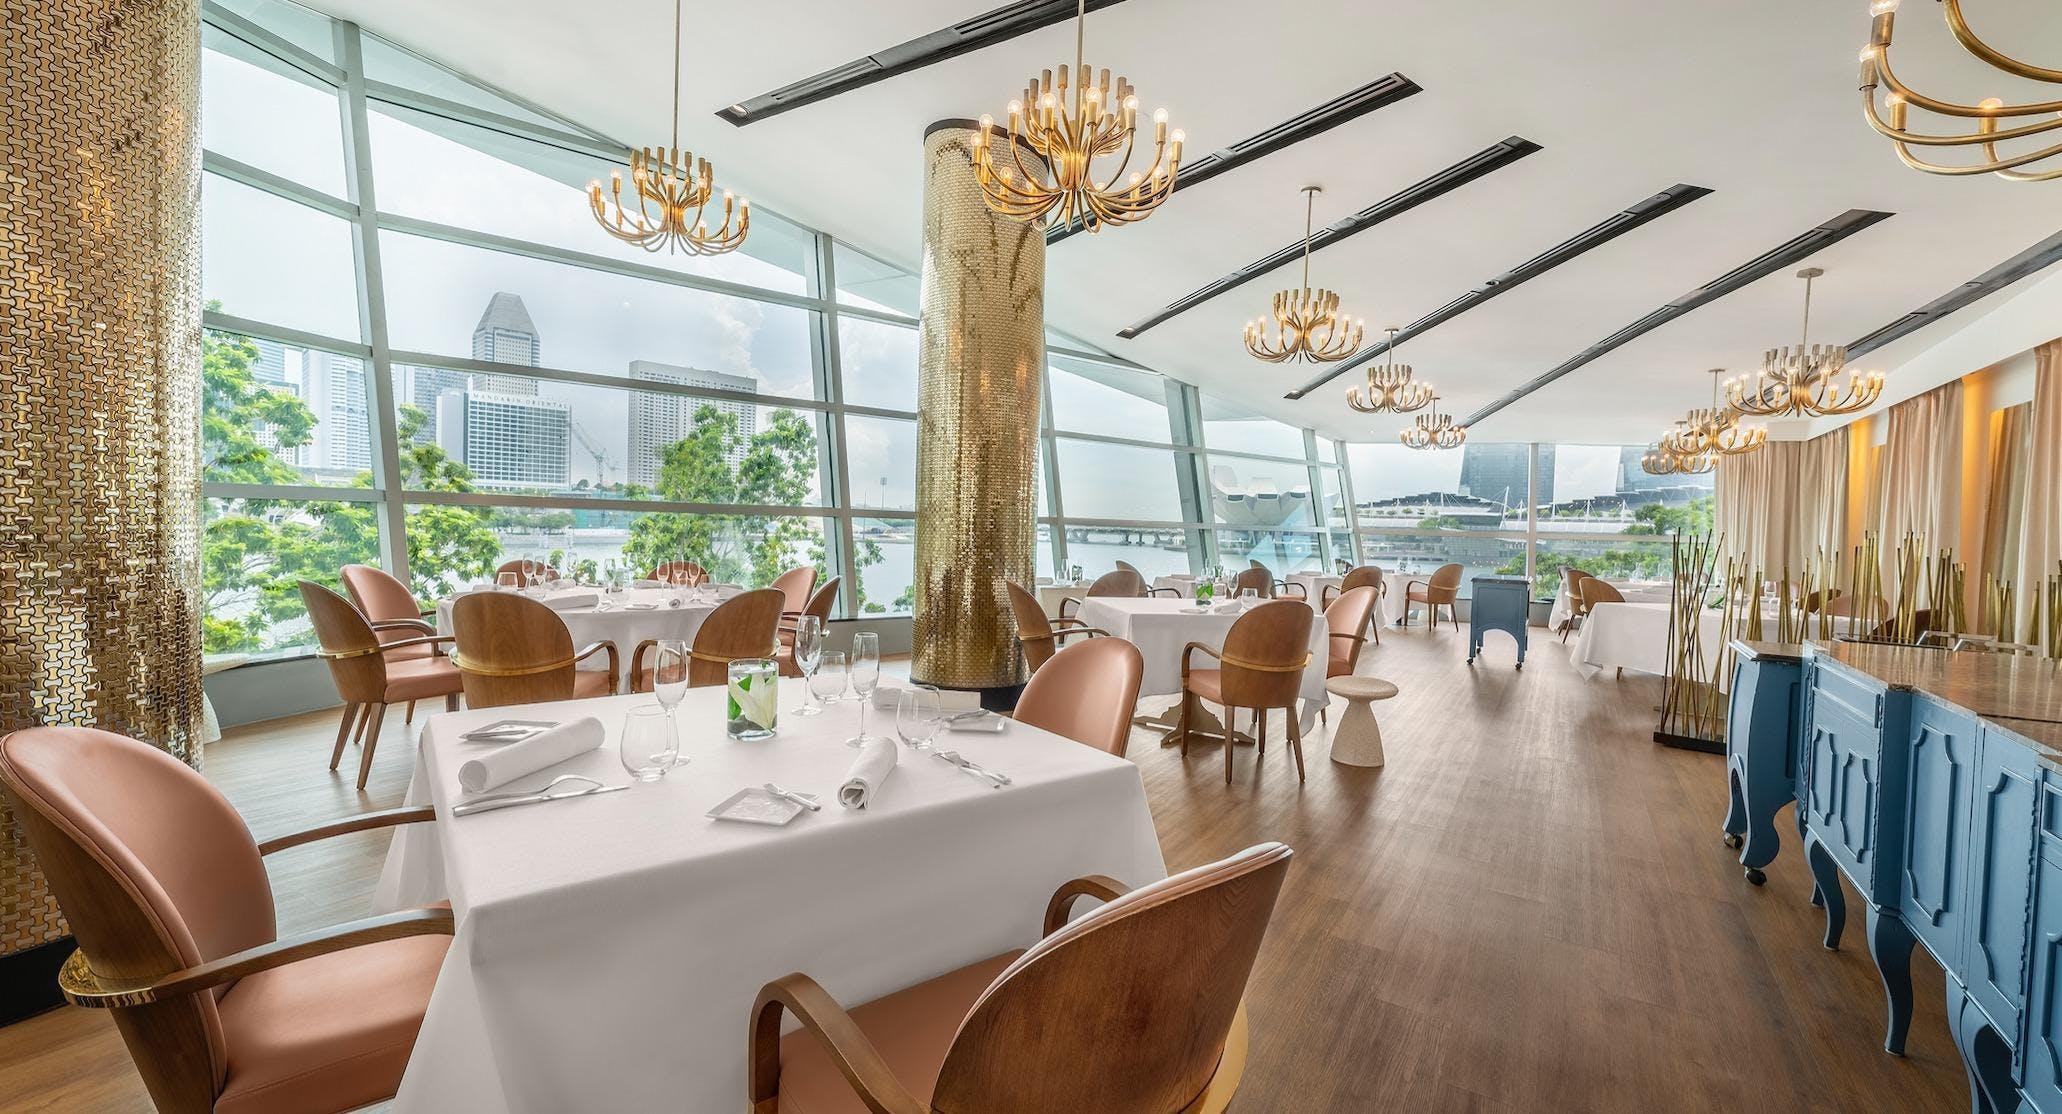 Photo of restaurant Riviera in Fullerton, Singapore